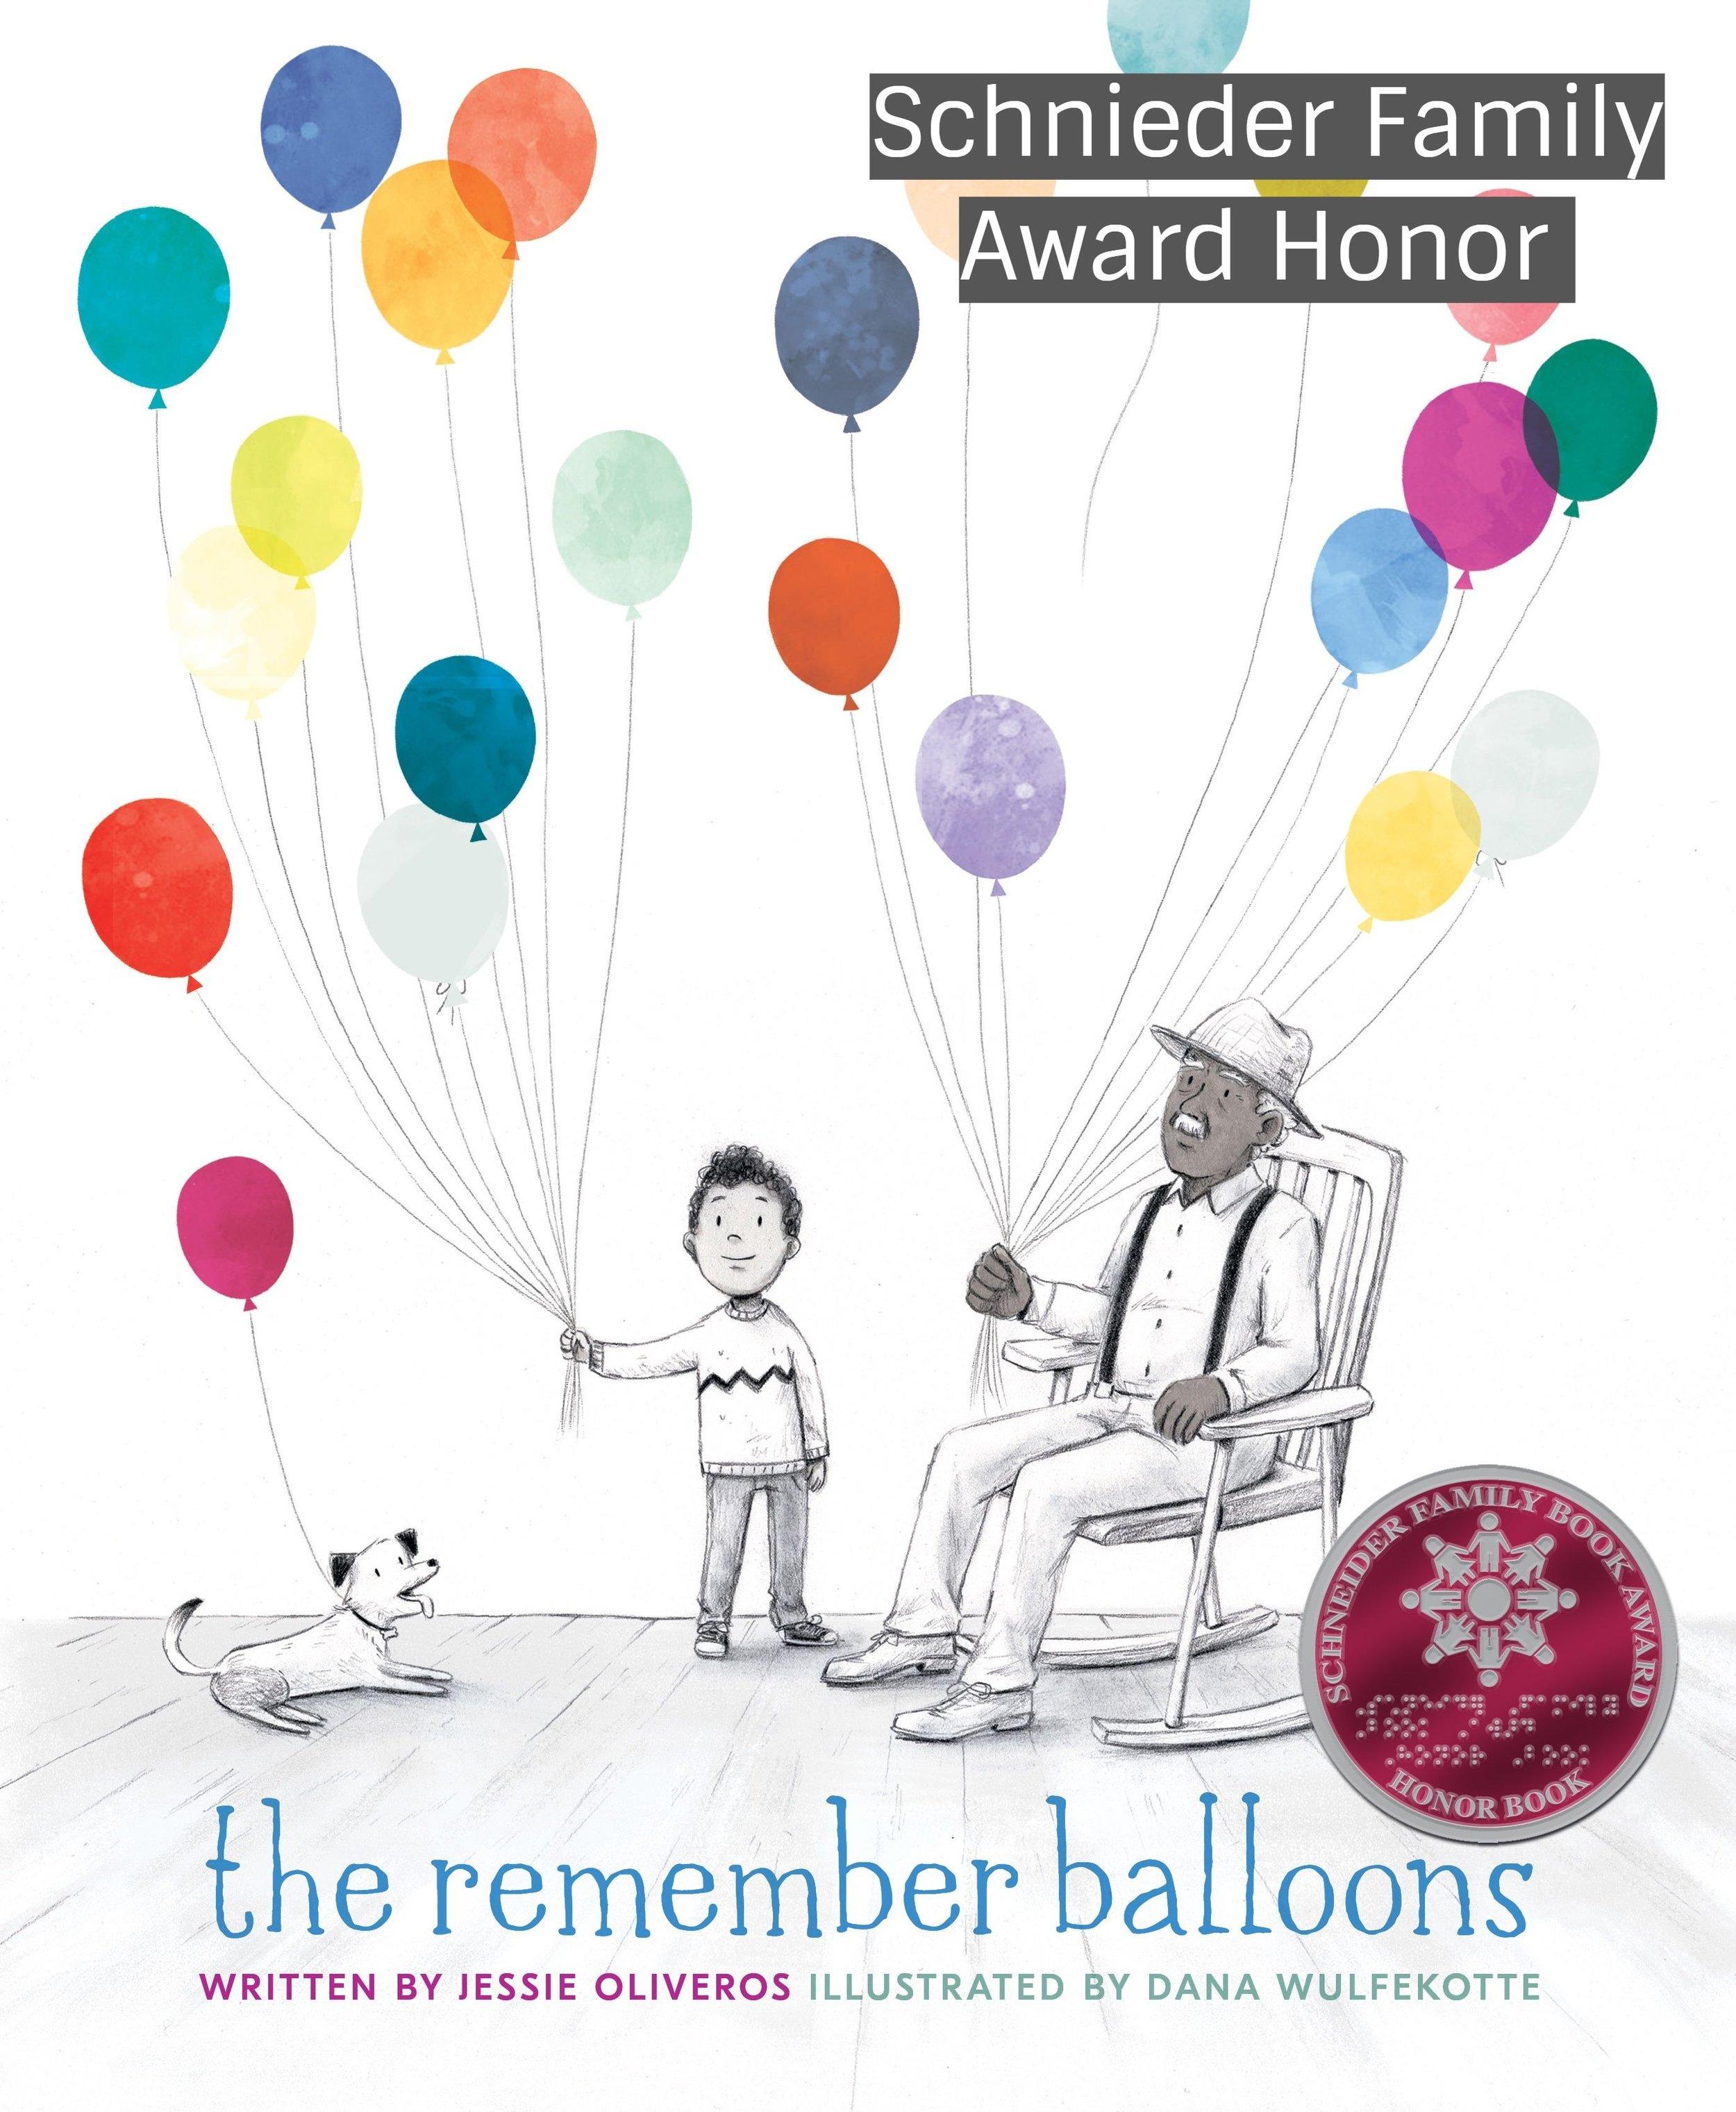 oliveros award (2).jpg